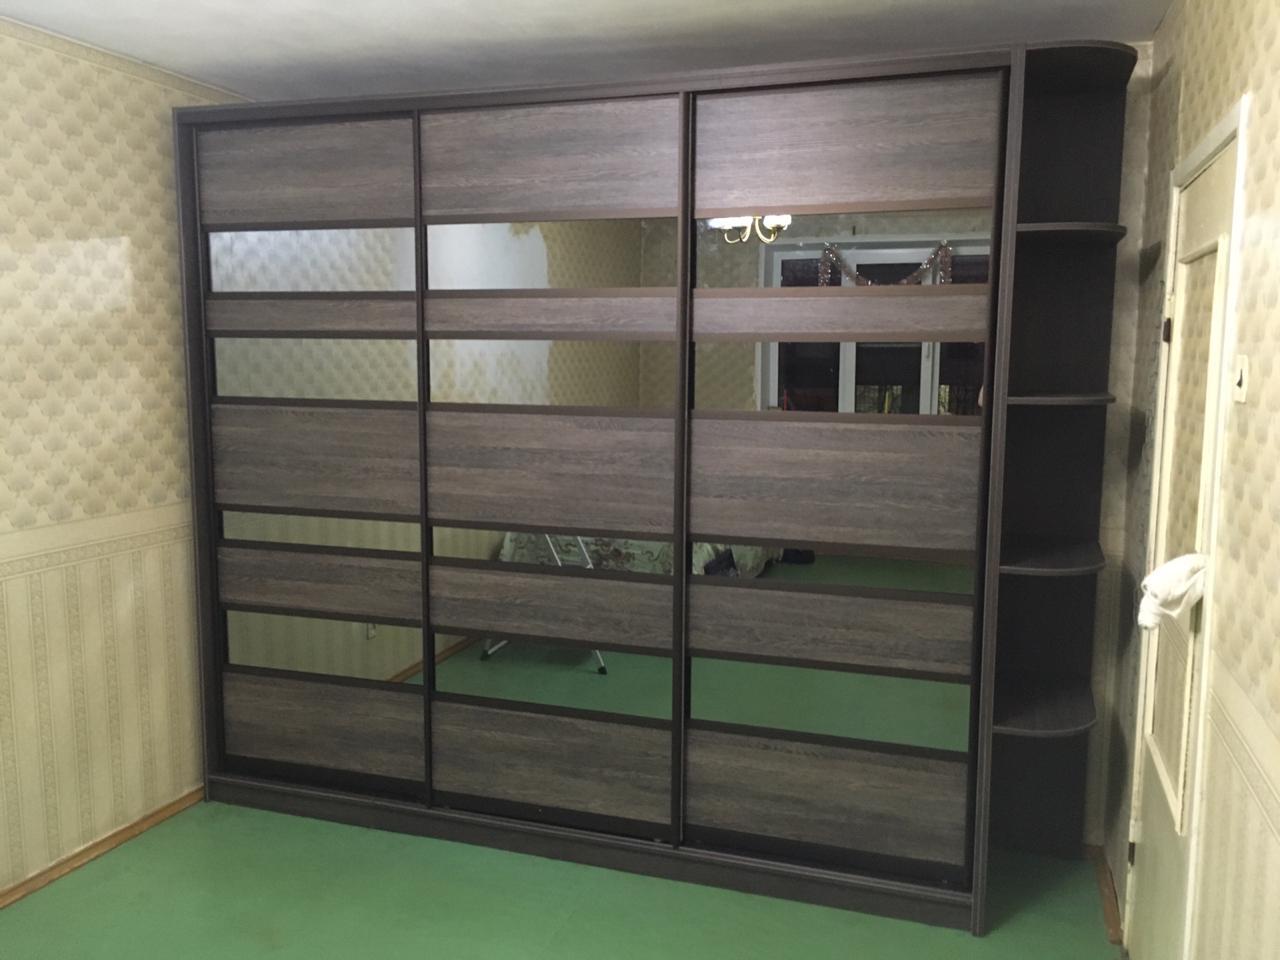 Шкаф-купе 3-х створчатый с зеркальными вставками и угловым стеллажом